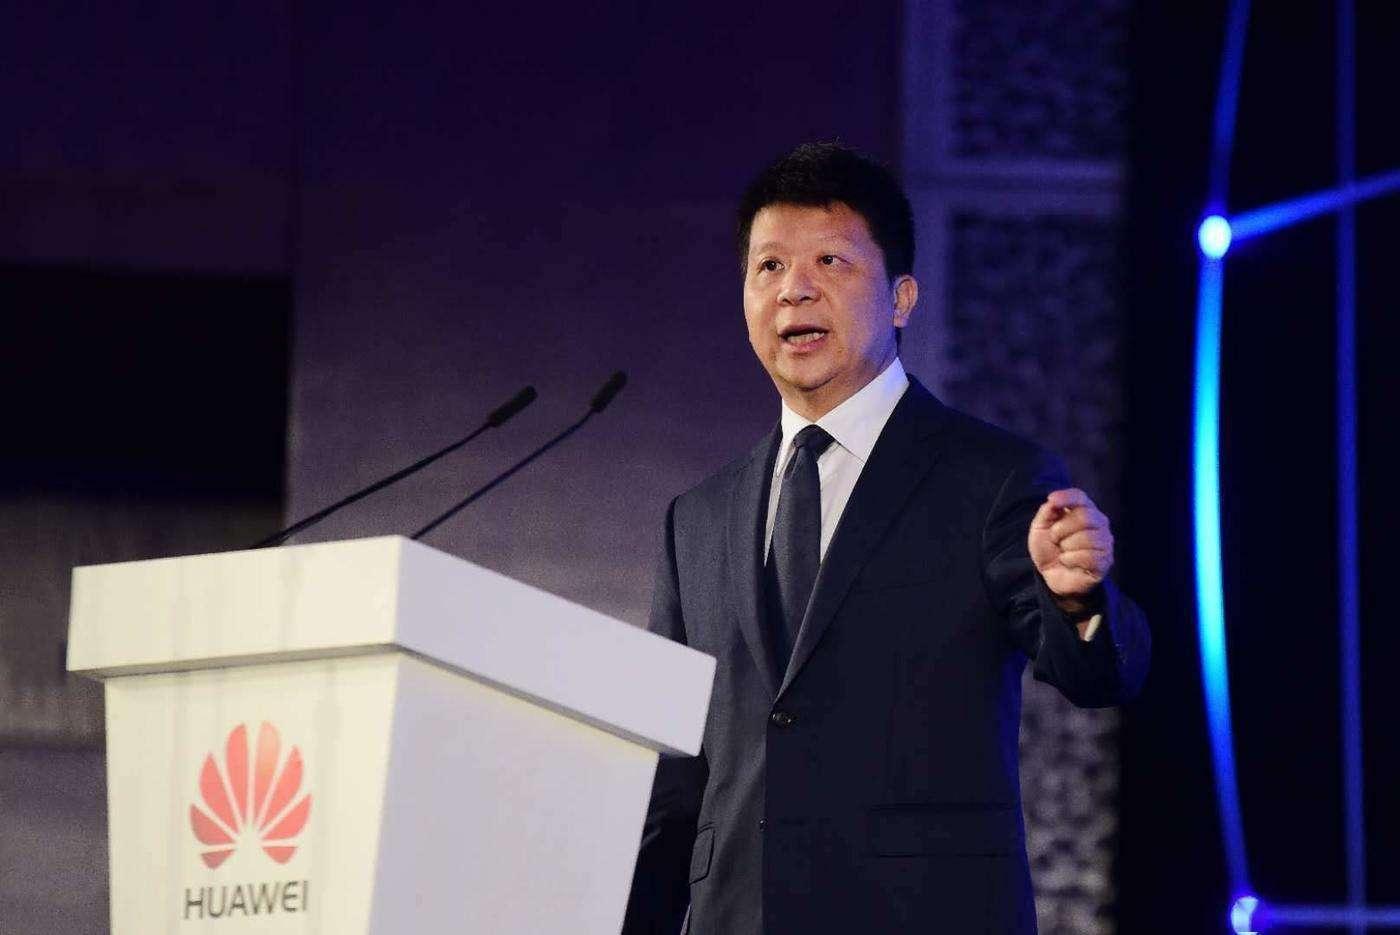 【华为轮值董事长称求生存是主线,ICT产业正面临巨大的发展机会】